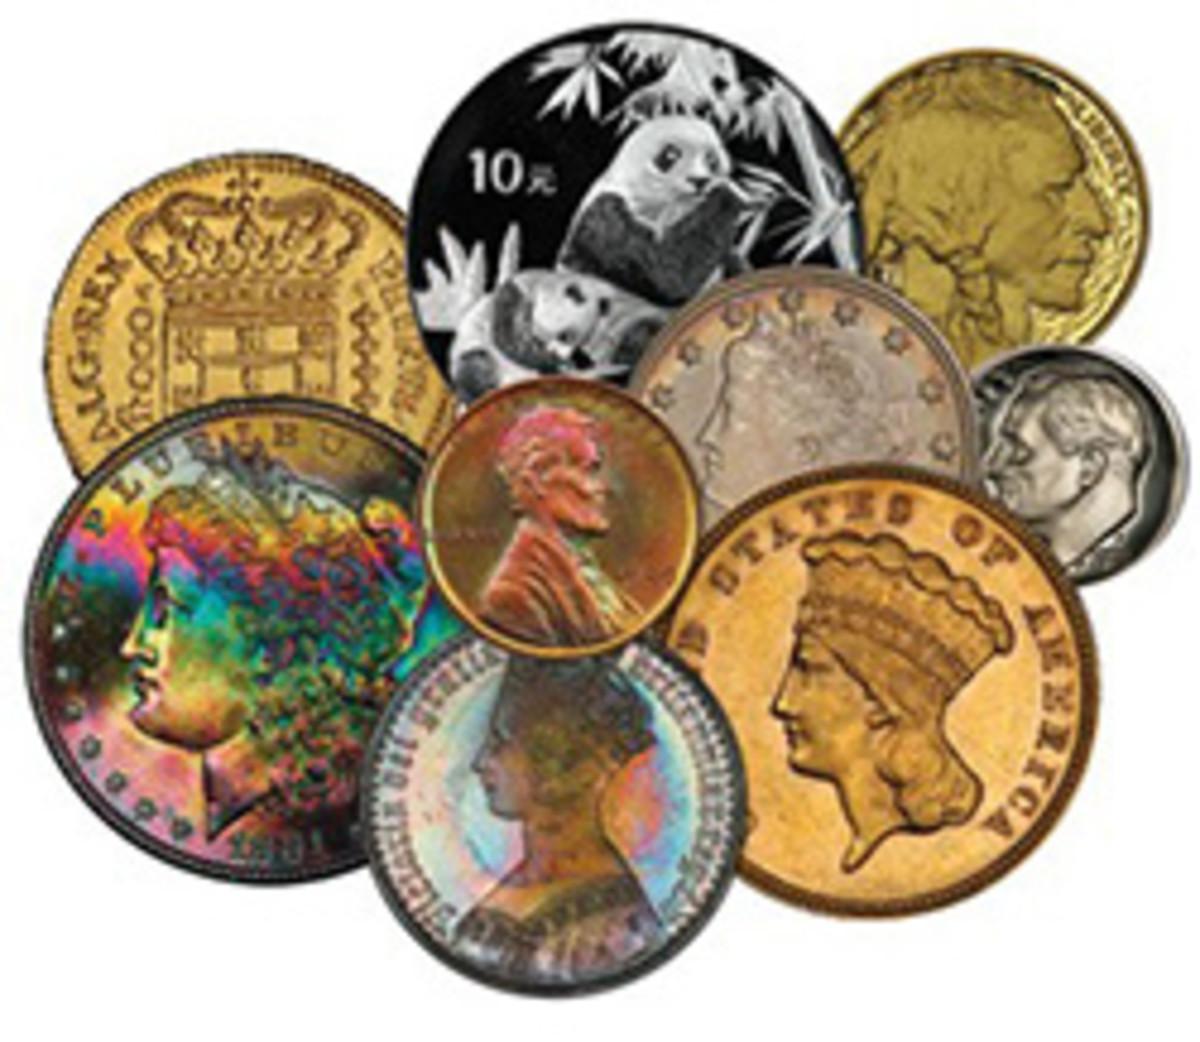 (Image courtesy www.pcgs.com)